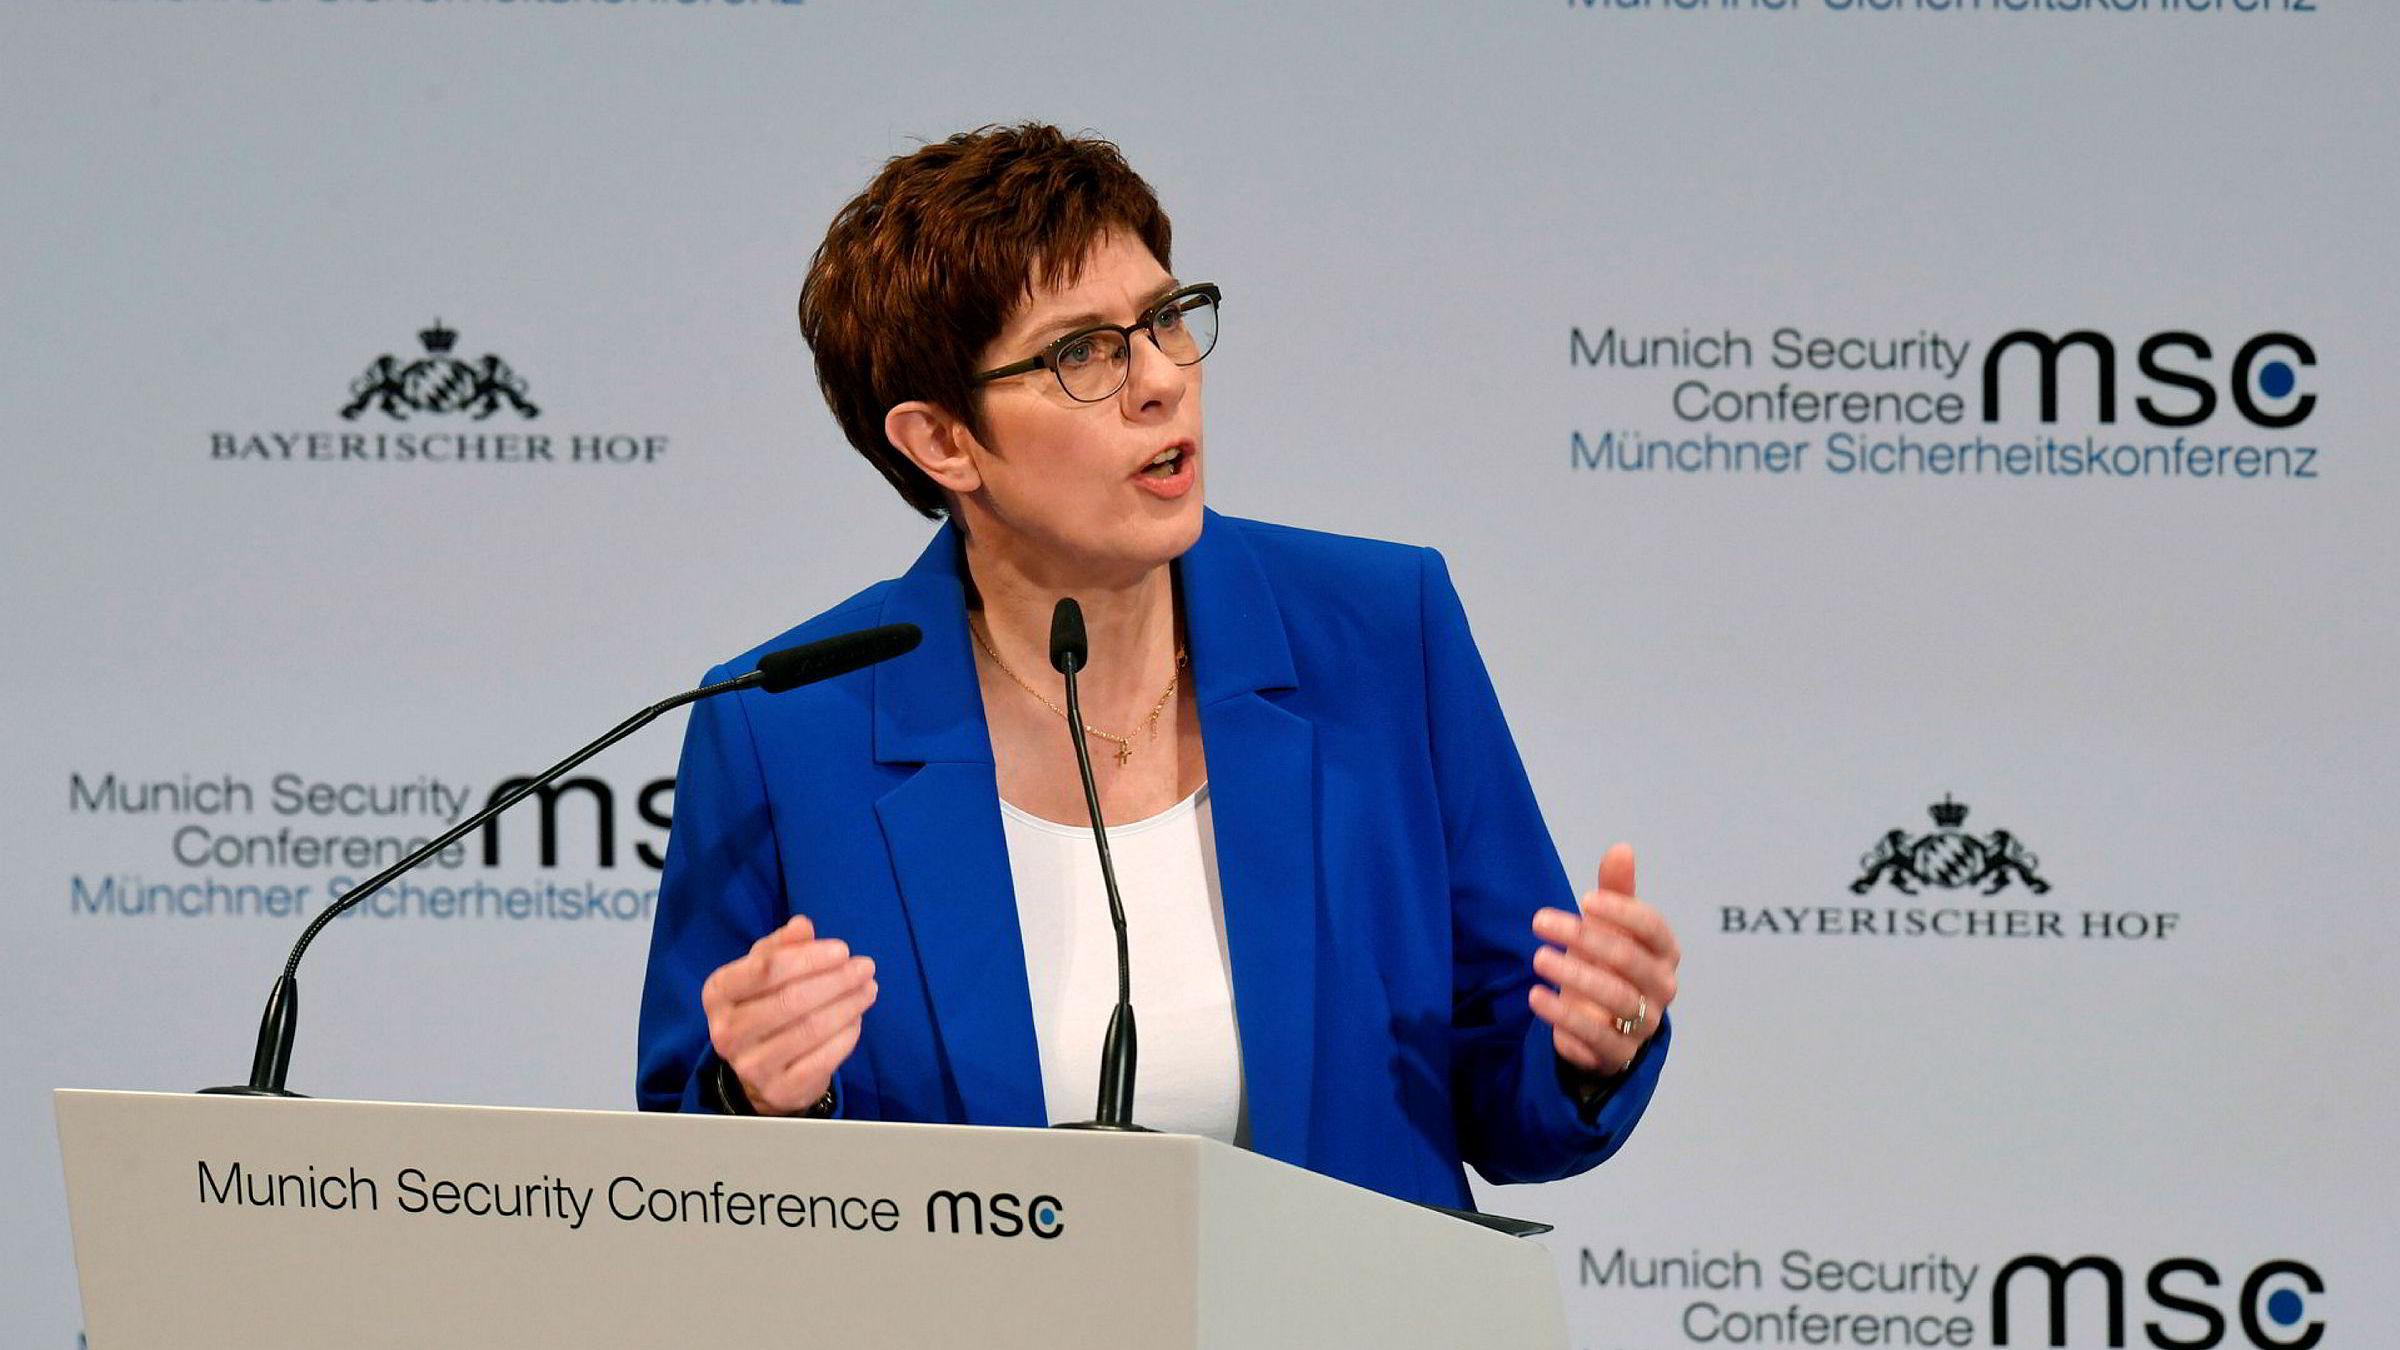 Tysklands forsvarsminister Annegret Kramp-Karrenbauer snakket varmt om to prosent til forsvar under Sikkerhetskonferansen i München i helgen, vel vitende om at hun ikke har noen som helst støtte til dette i regjeringen.